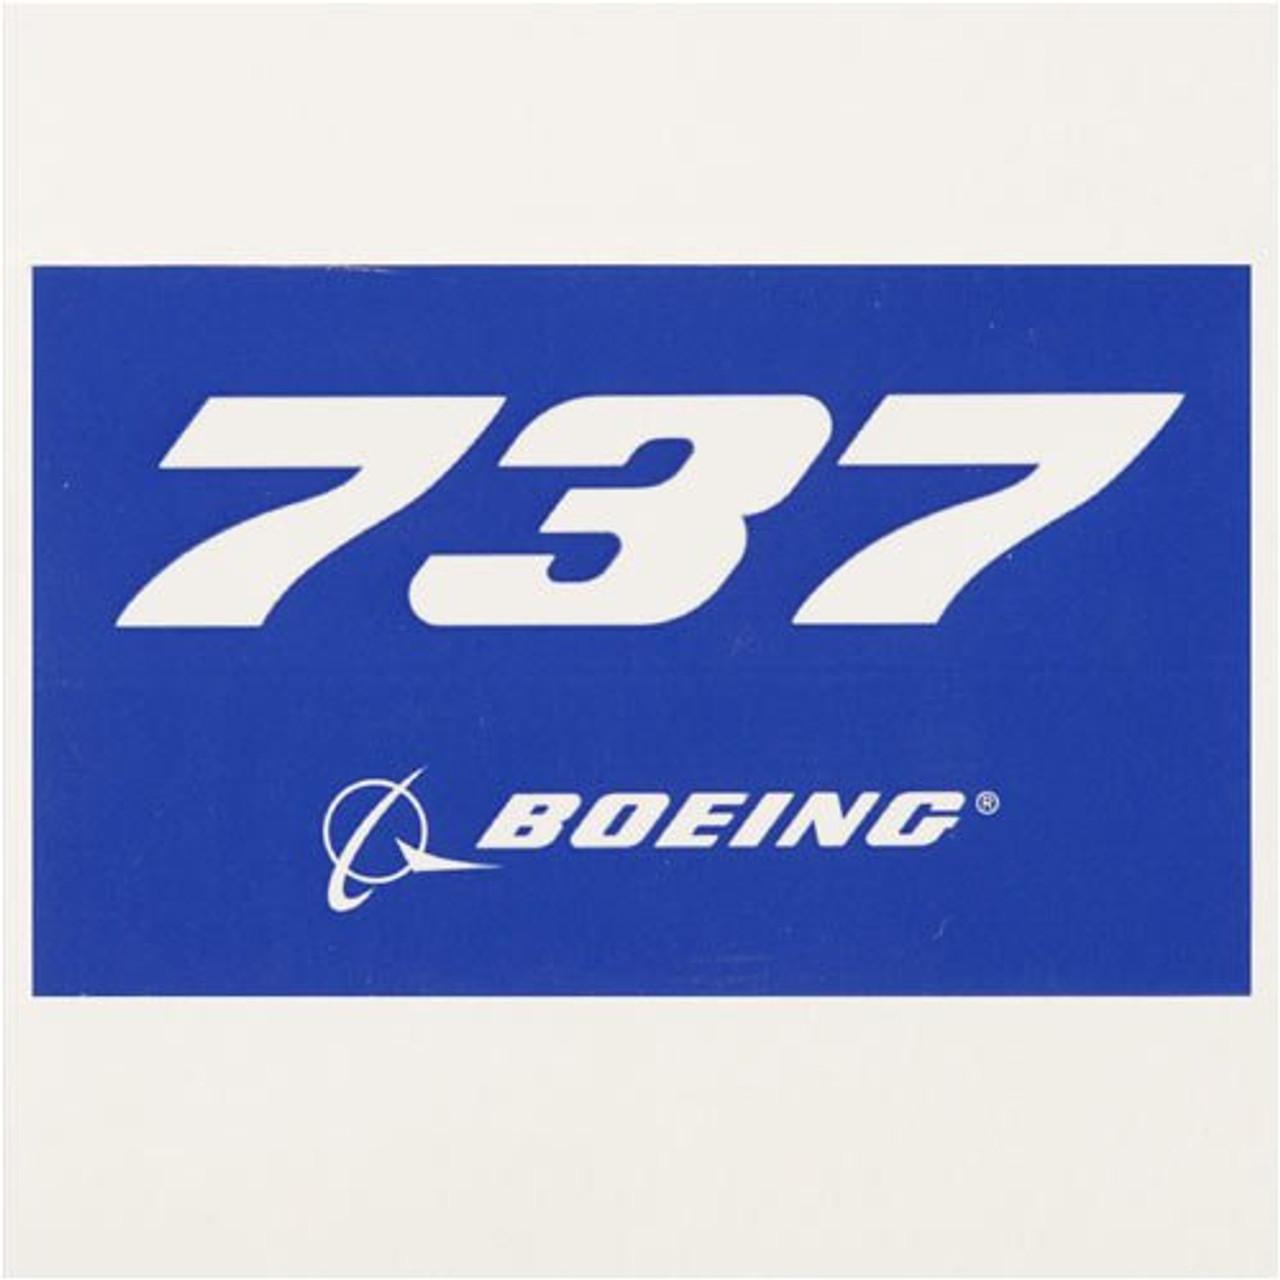 737 Blue Sticker